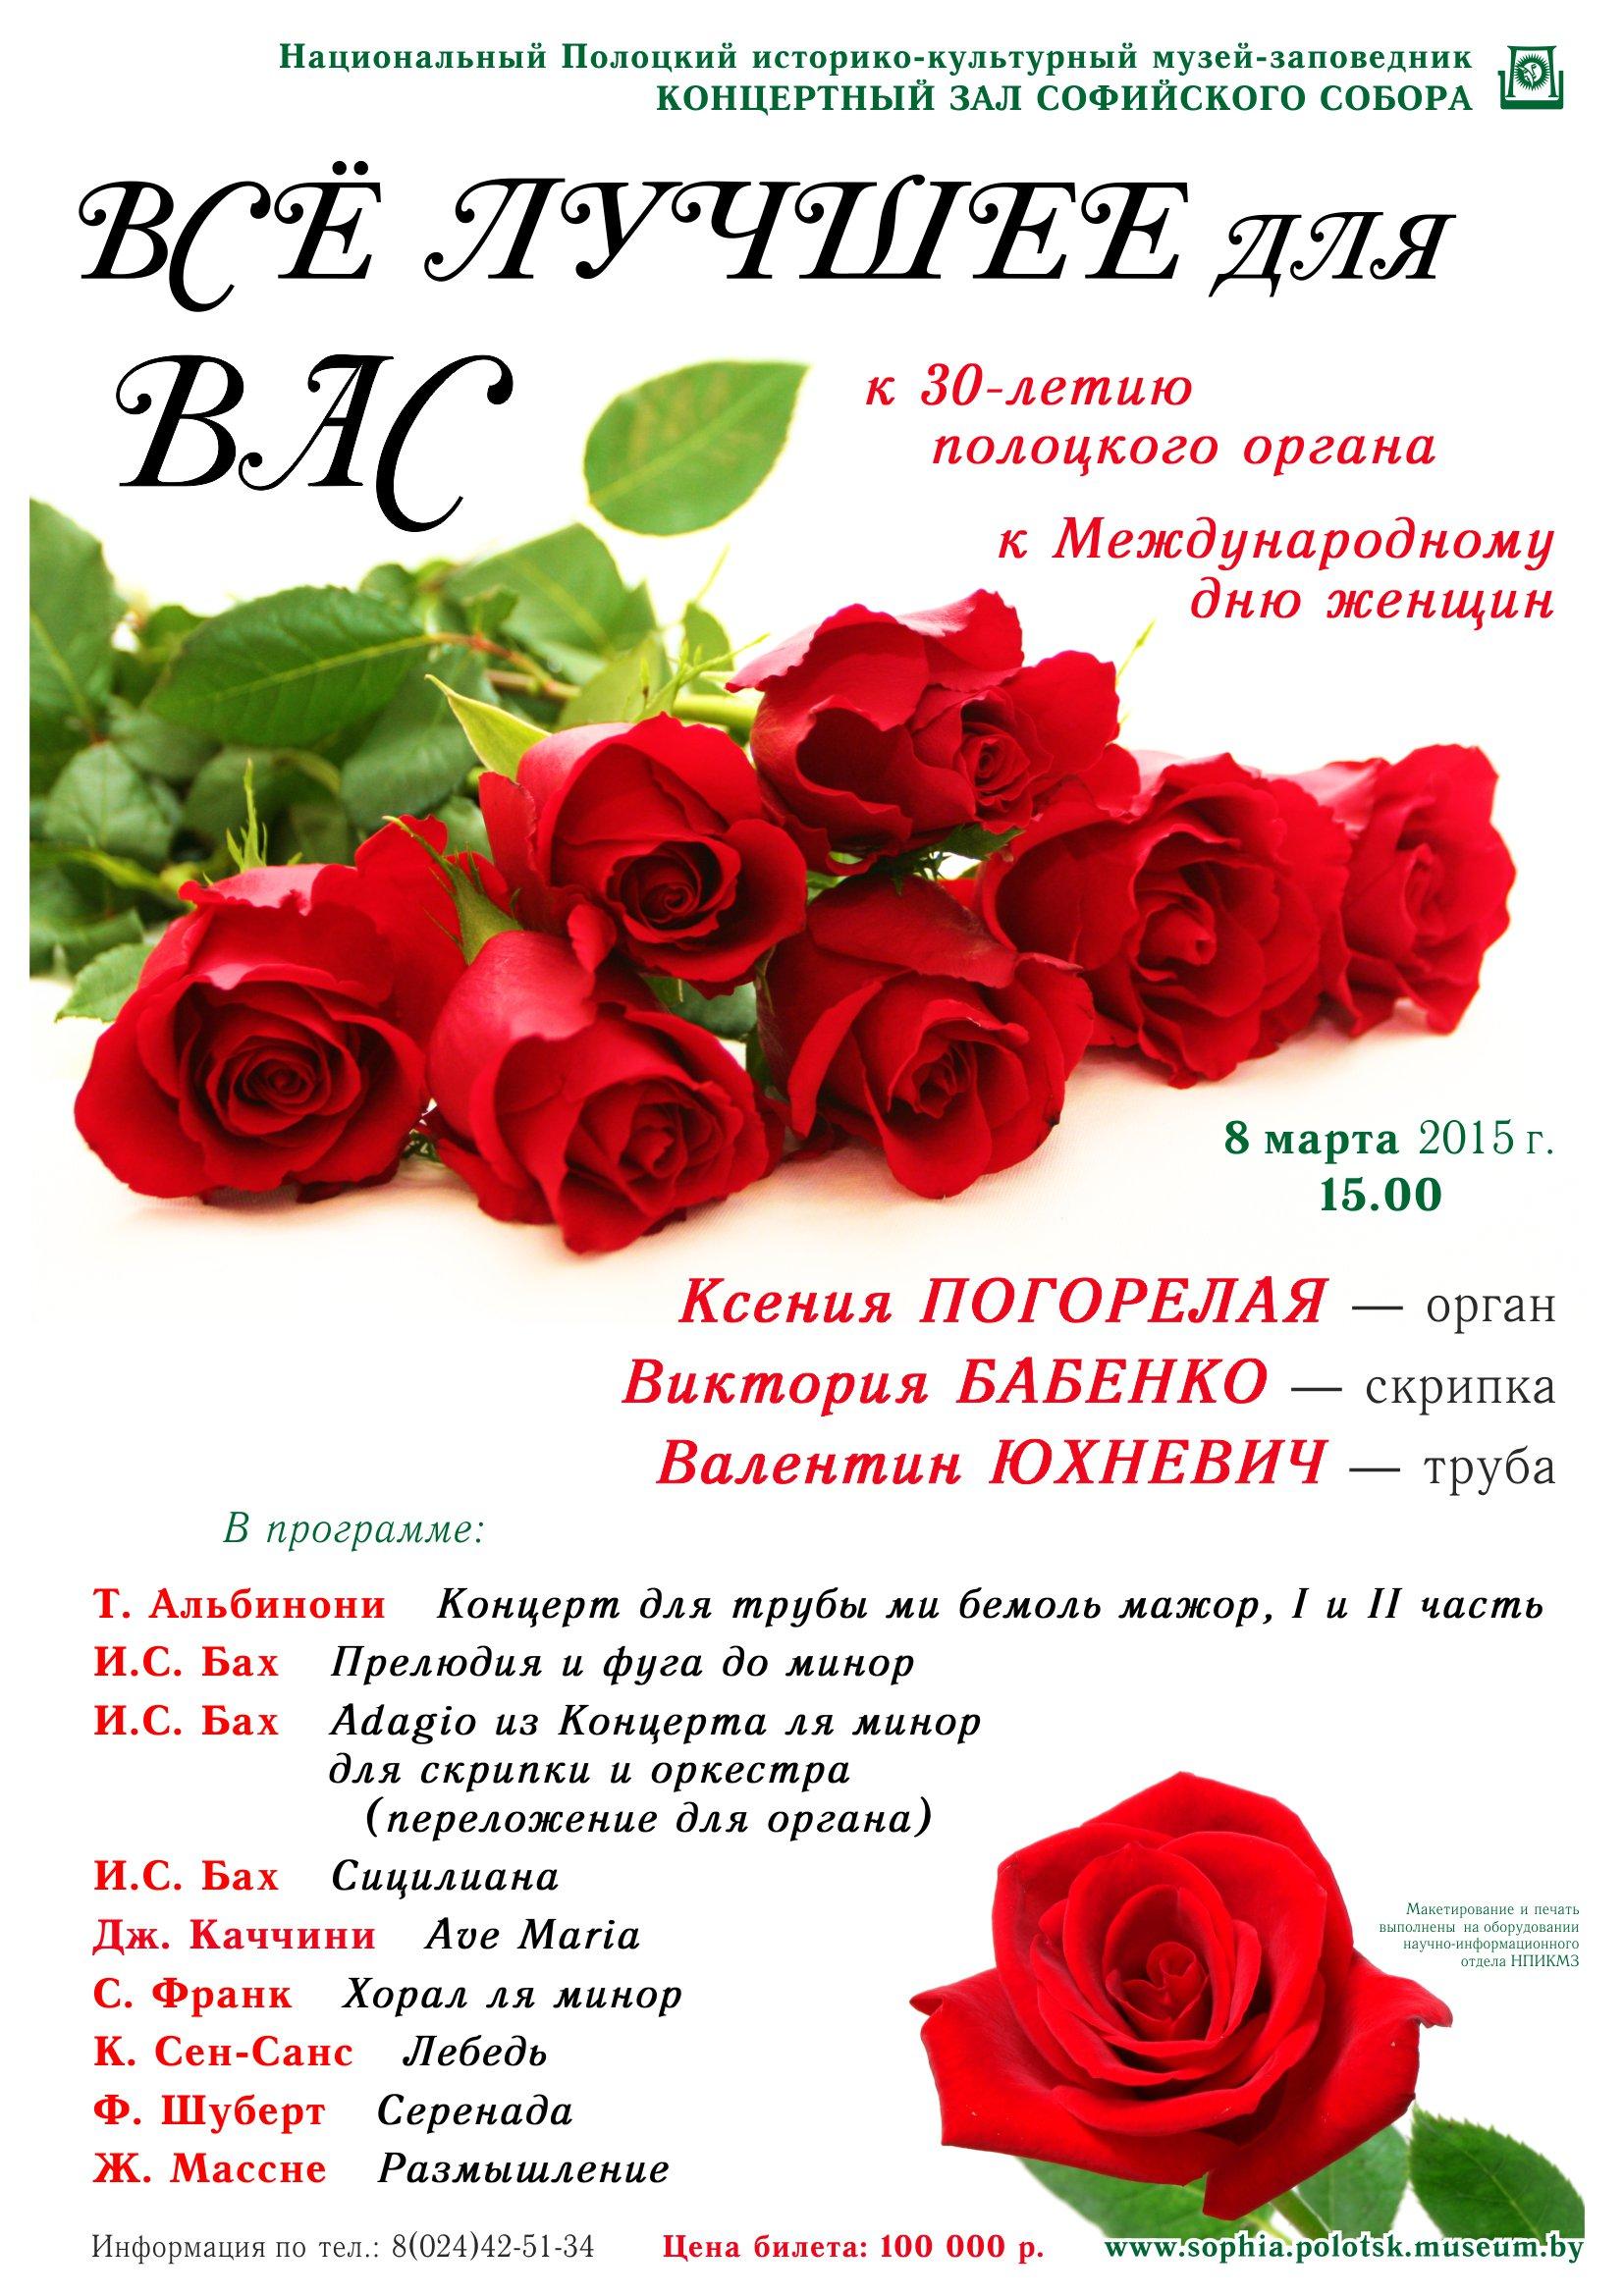 8 марта - праздничный концерт в Софийском соборе. Порадуйте своих близких!